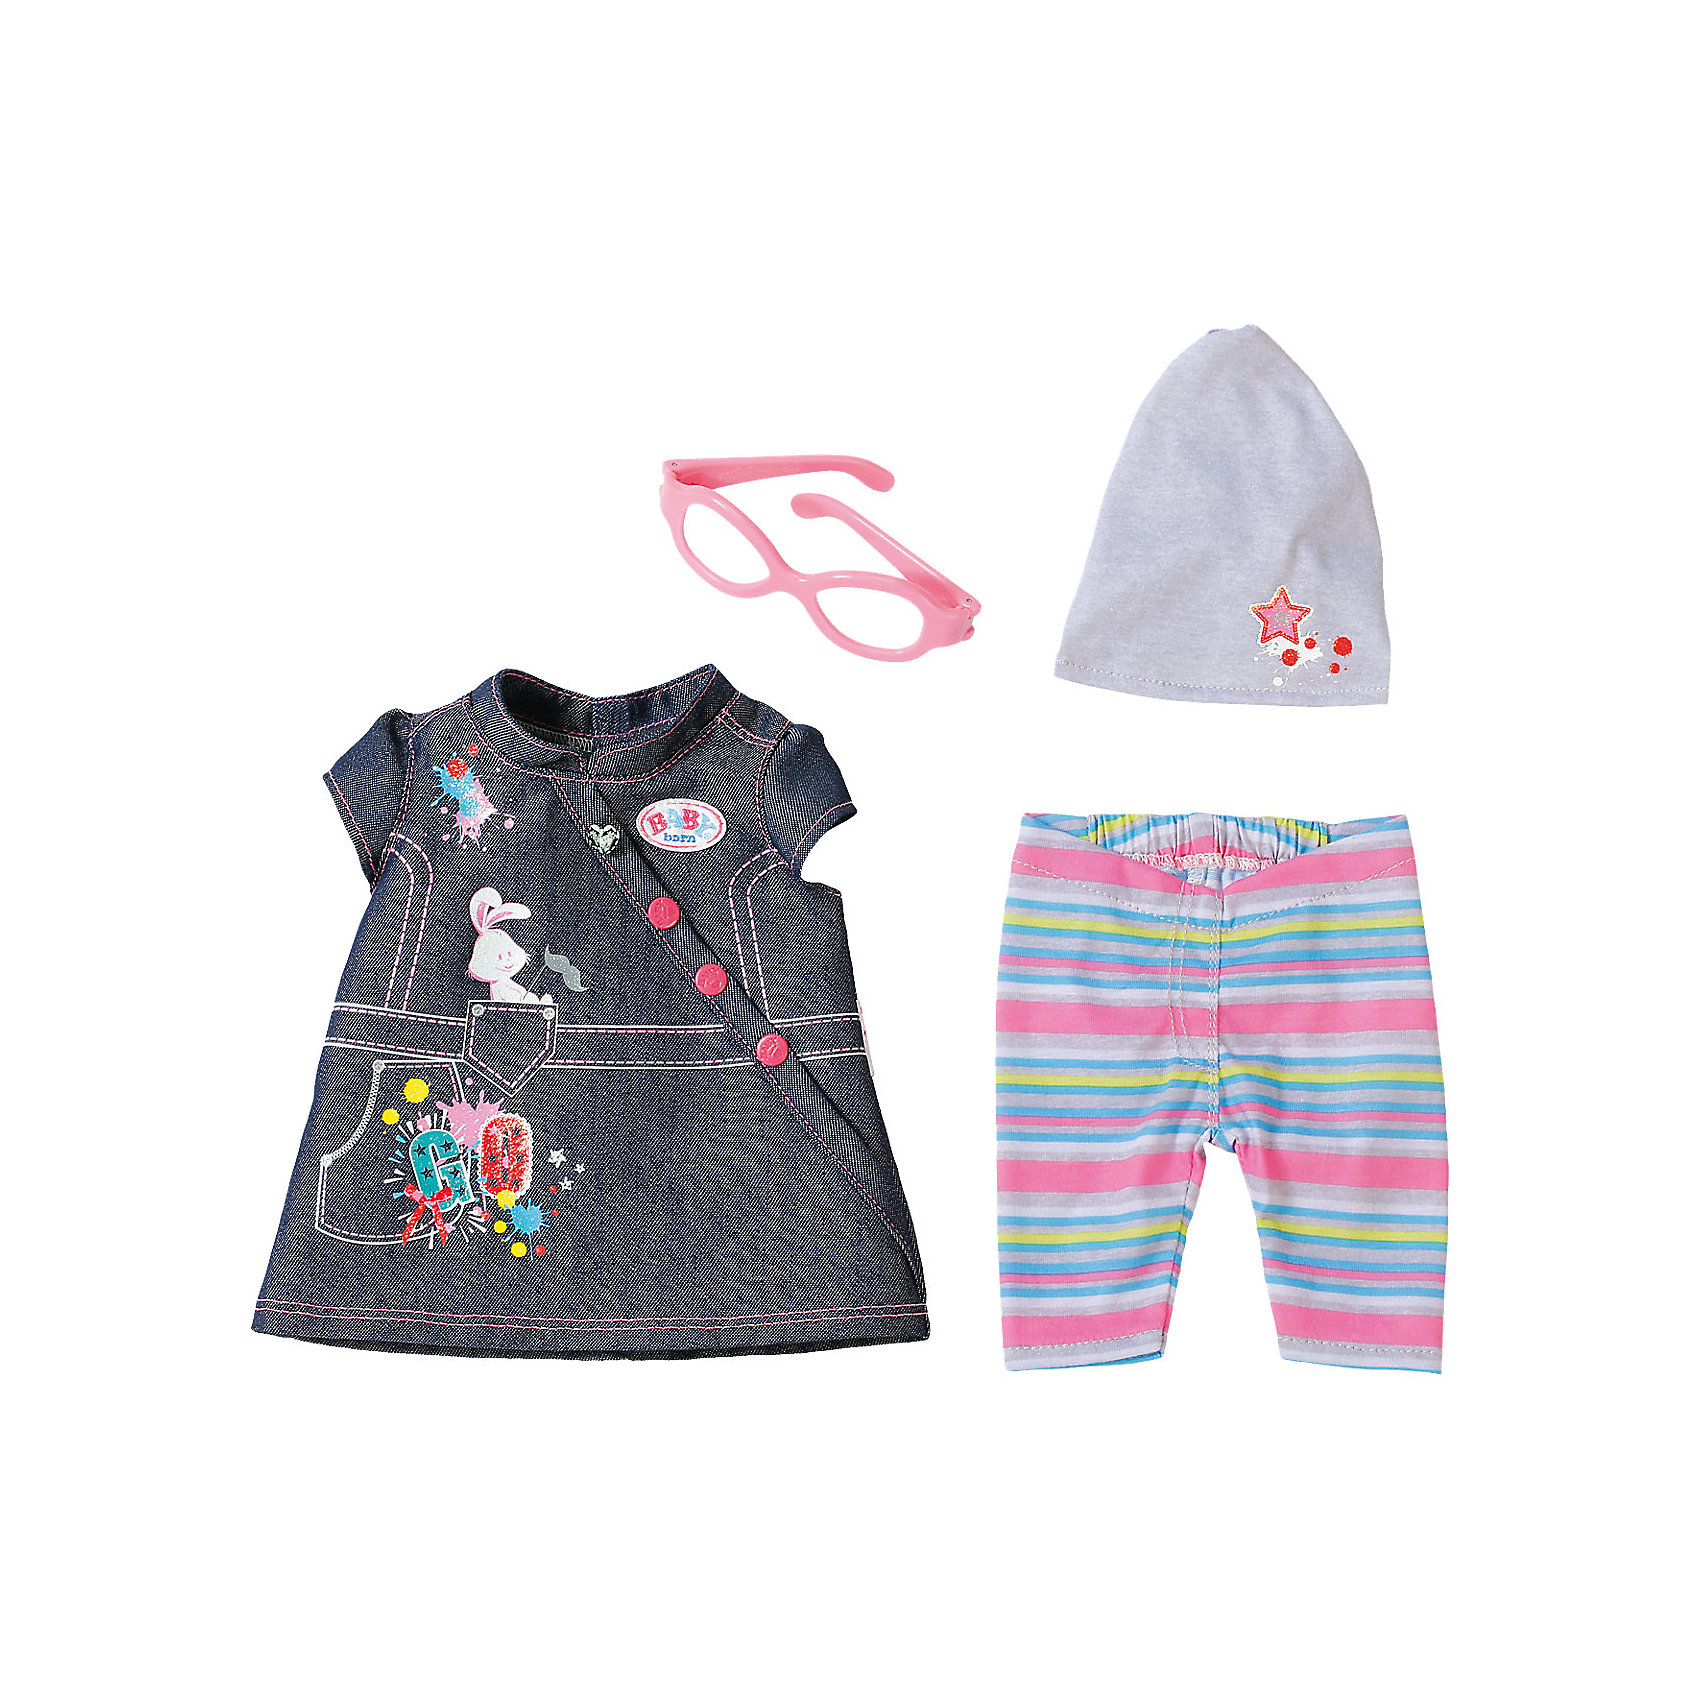 Одежда Джинсовая, BABY born, разноцветнаяБренды кукол<br>Характеристики товара:<br><br>- цвет: разноцветный;<br>- материал: тестиль;<br>- комплектация: туника, легинсы, шапка, очки;<br>- размер упаковки: 37х8х28 см.<br><br>Кукольная одежда – мечта всех девочек, обожающих играть в дочки-матери! Куклы Бэби Борн – абсолютные фавориты среди детских игрушек. Одно из преимуществ моделей – возможность переодевать куклу на свое усмотрение. Такой набор одежды – интересный и необычный вариант разнообразить игры с куклой. Комплект представлен в новой коллекции одежды для куклы Бэби борн. Вещи, туника, легинсы, шапка, очки, очень модно и нарядно смотрятся. Материалы, использованные при изготовлении изделия, абсолютно безопасны и полностью отвечают международным требованиям по качеству детских товаров.<br><br>Одежду Джинсовую, BABY born, можно купить в нашем интернет-магазине.<br><br>Ширина мм: 366<br>Глубина мм: 281<br>Высота мм: 81<br>Вес г: 284<br>Возраст от месяцев: 36<br>Возраст до месяцев: 2147483647<br>Пол: Женский<br>Возраст: Детский<br>SKU: 5140224